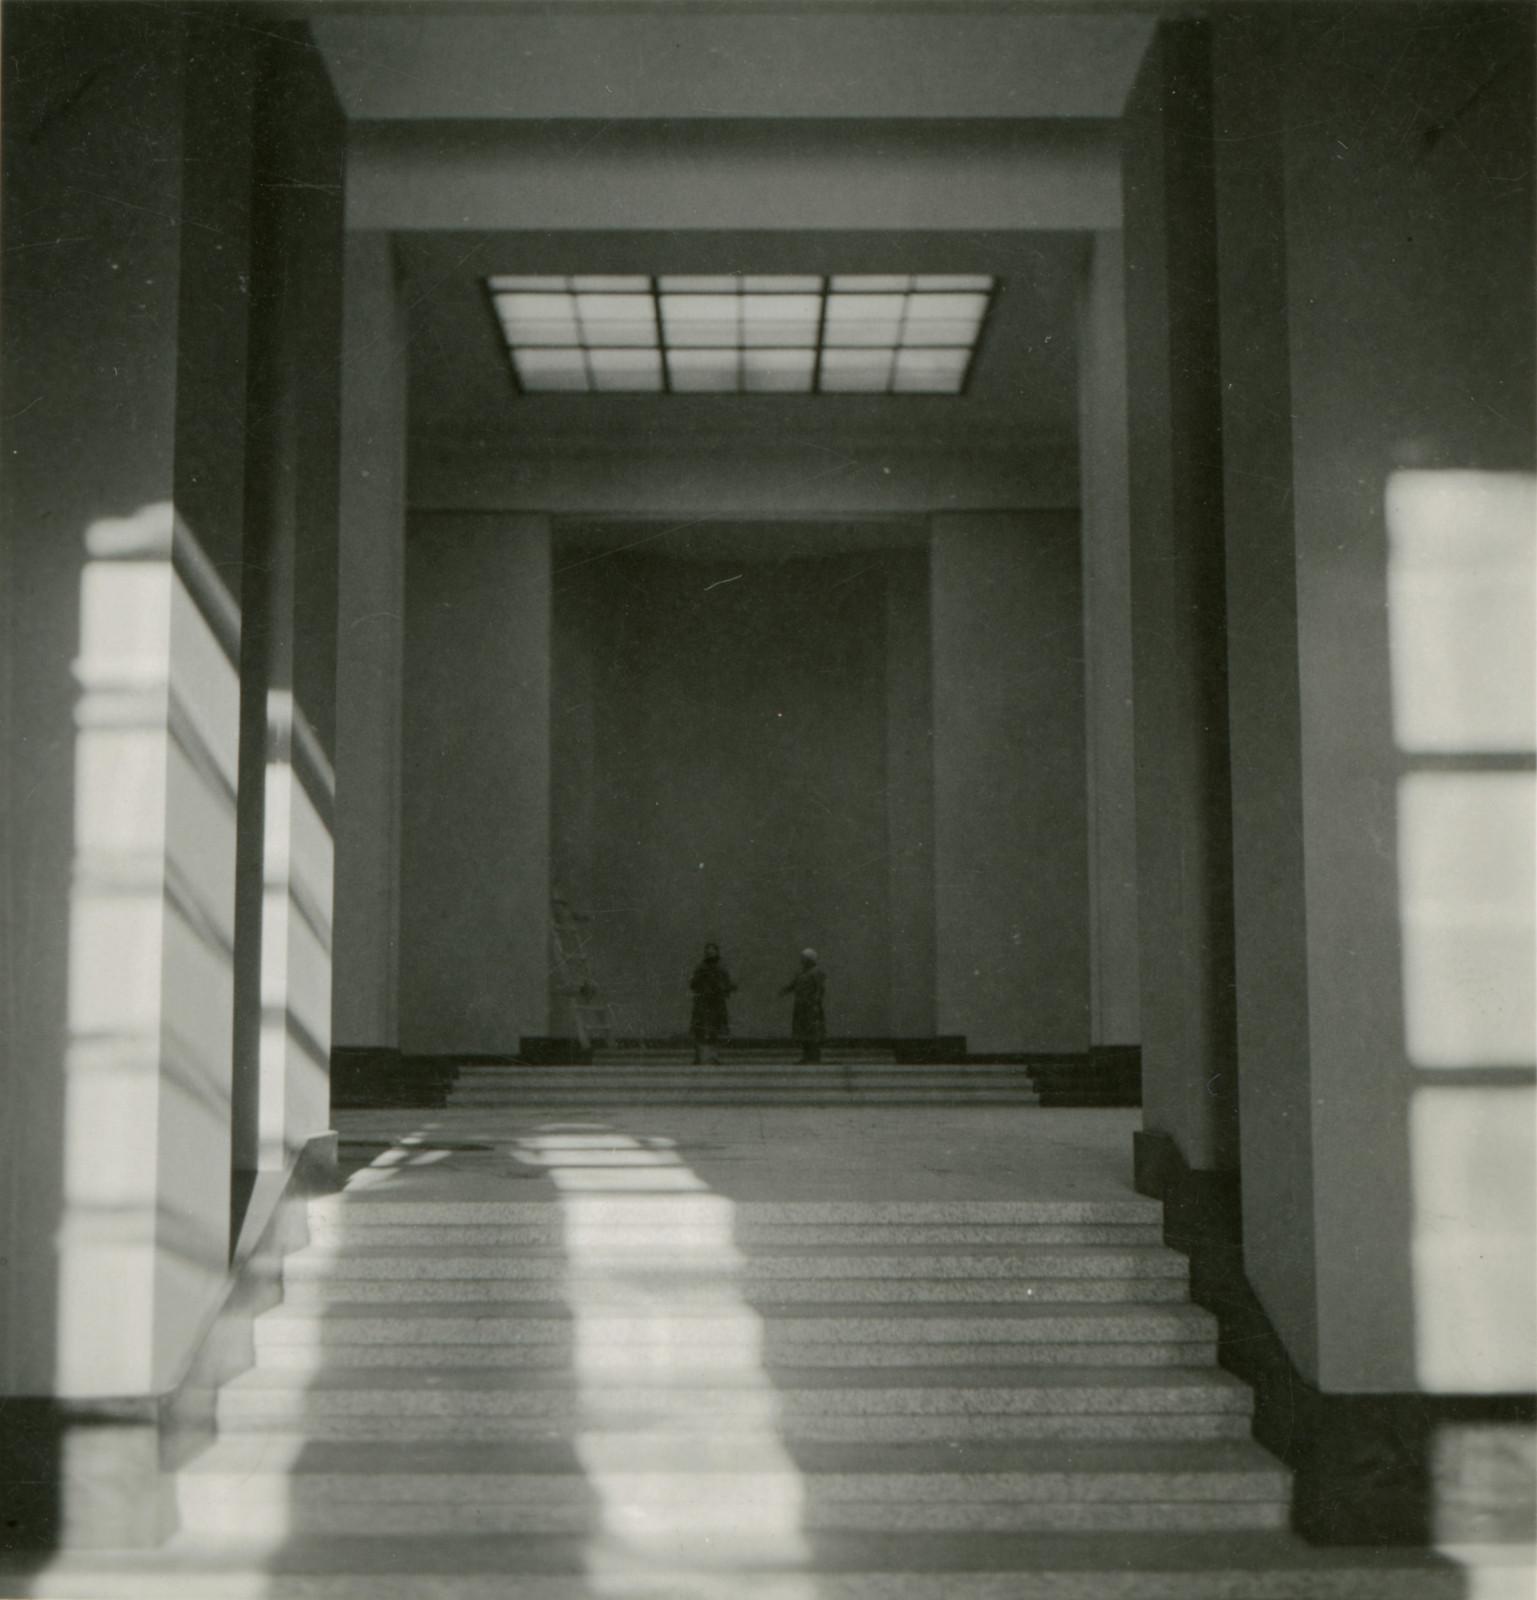 4 il. Vytauto Didžiojo muziejaus statyba. Vytauto Didžiojo karo muziejaus interjero erdvė. 1934 m. Vytauto Didžiojo karo muziejaus nuosavybė, Fa - 14499-73